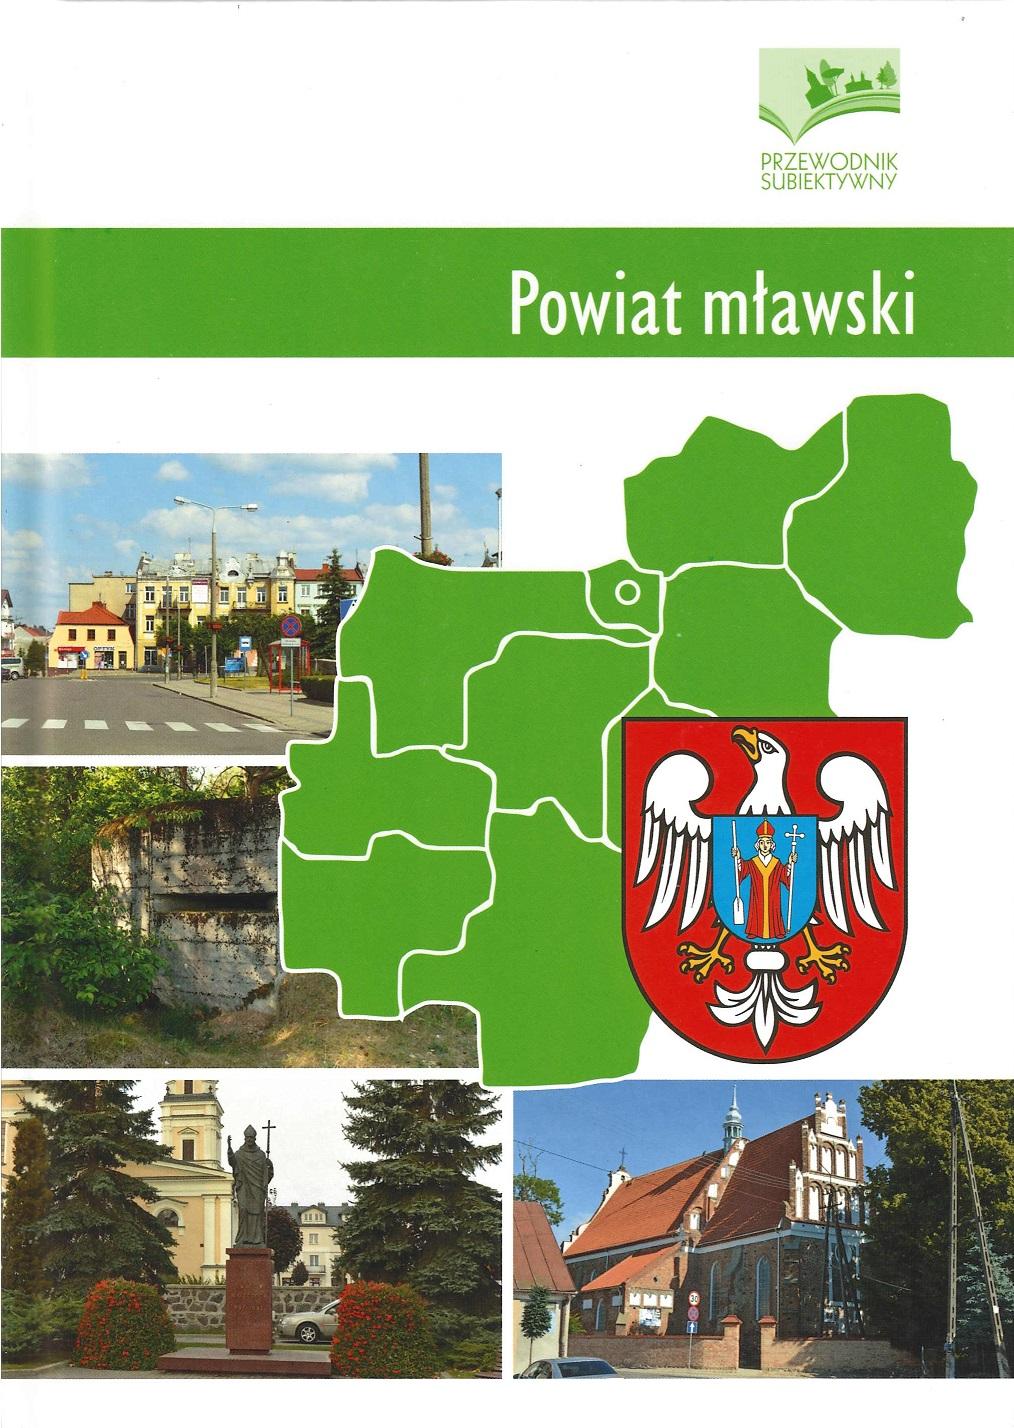 okładka książki - Powiat mławski